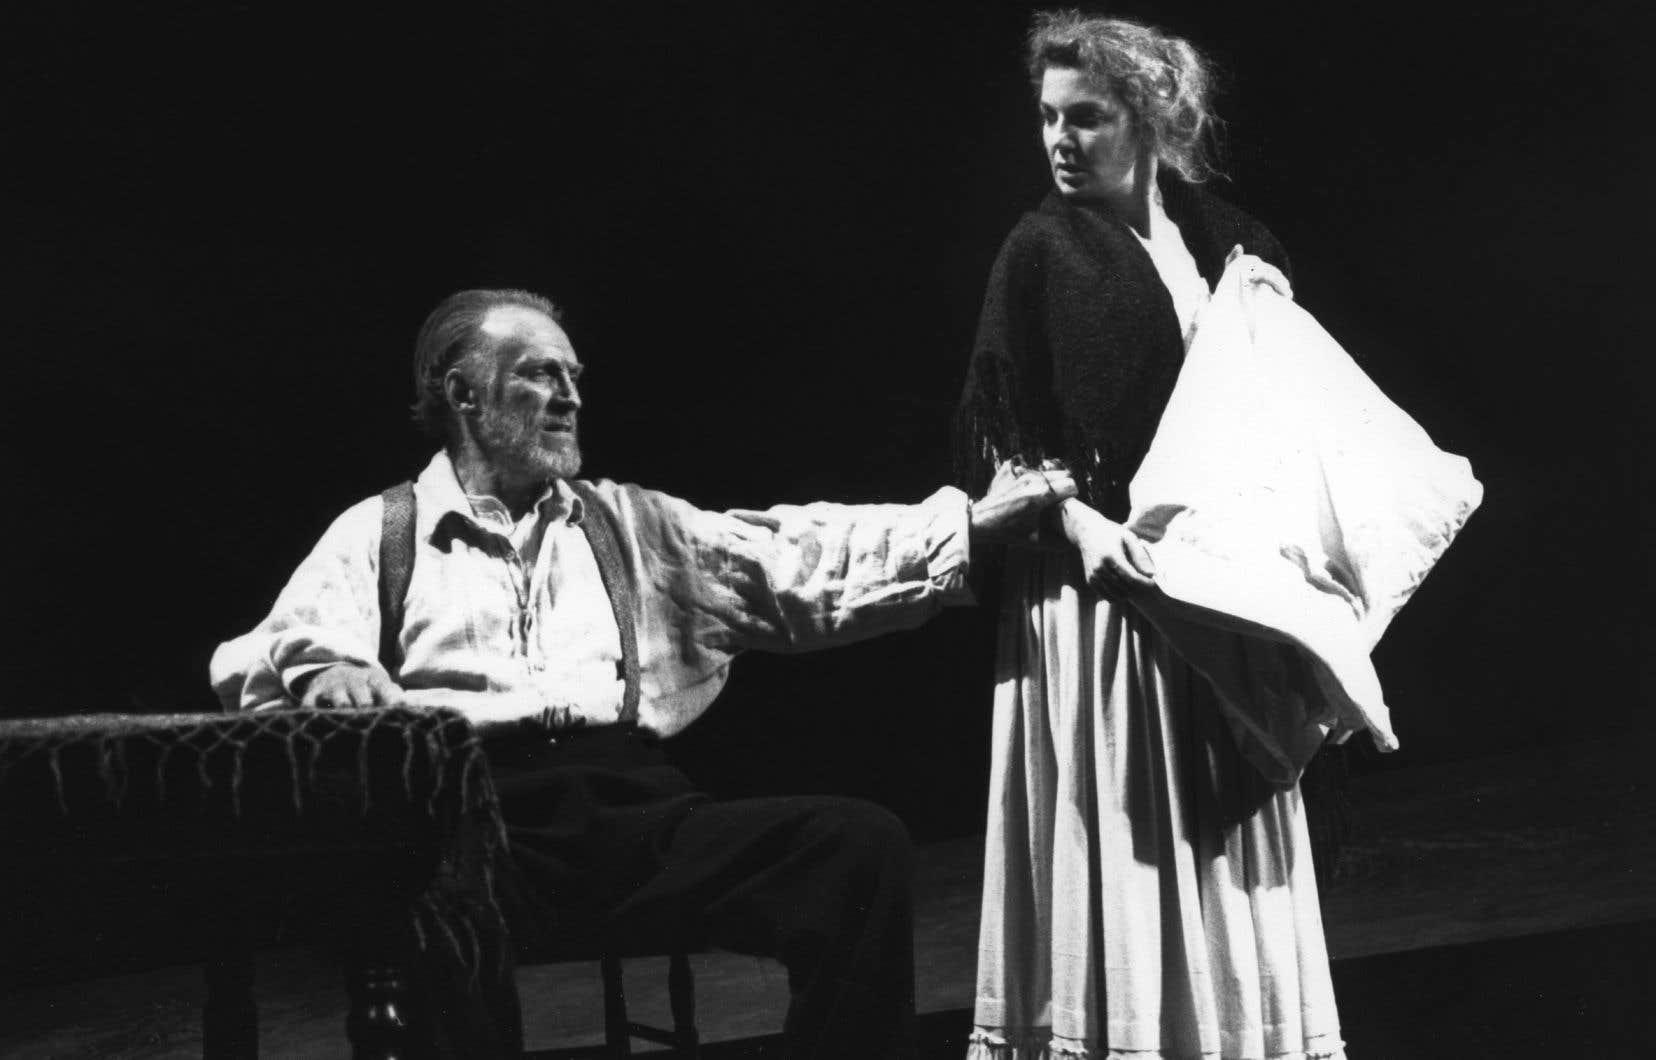 Aubert Pallascio avec la comédienne Nathalie Gascon dans la pièce «Le désir sous les ormes», d'Eugene O'Neill, dans une mise en scène de Martine Beaulne, produite par le Théâtre populaire du Québec en mars 1993